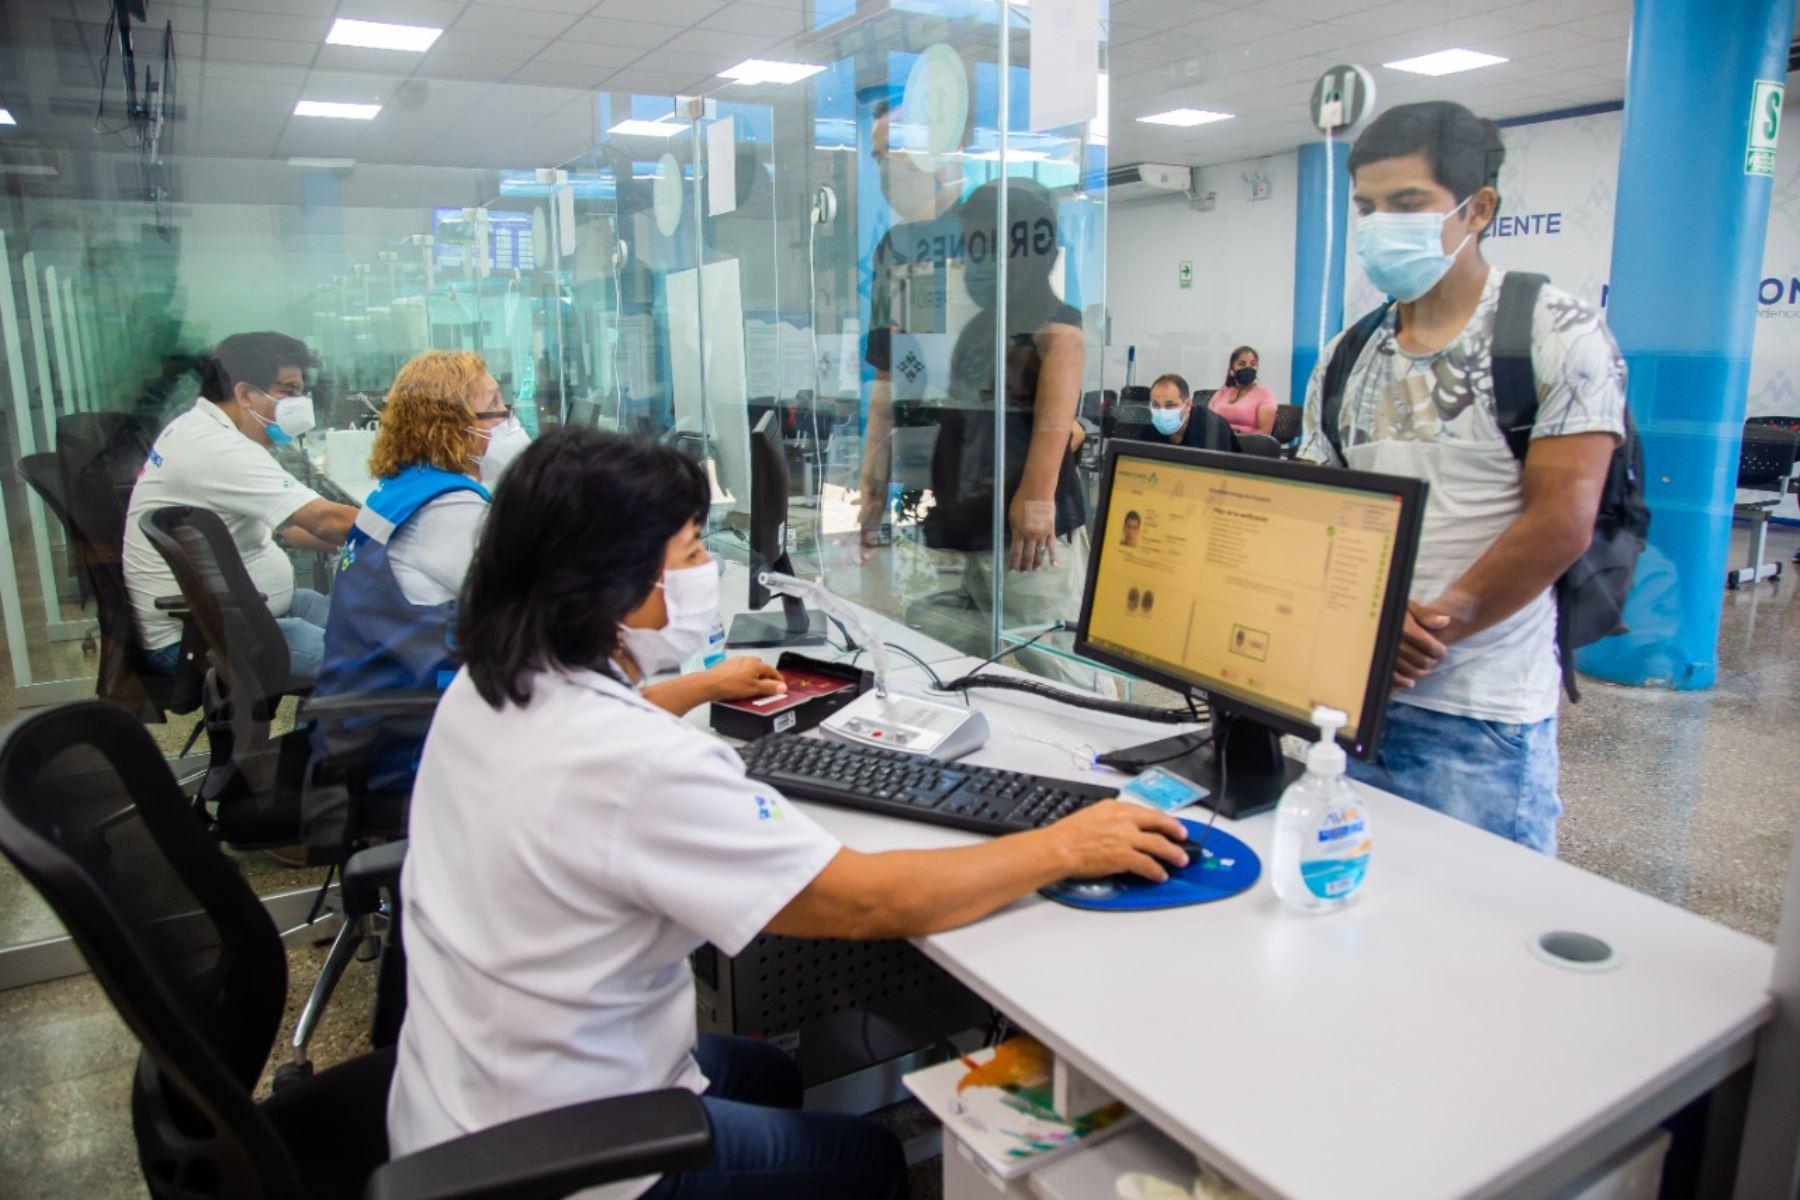 Migraciones: a partir del lunes 11 de octubre volverá a atender en todas sus sedes